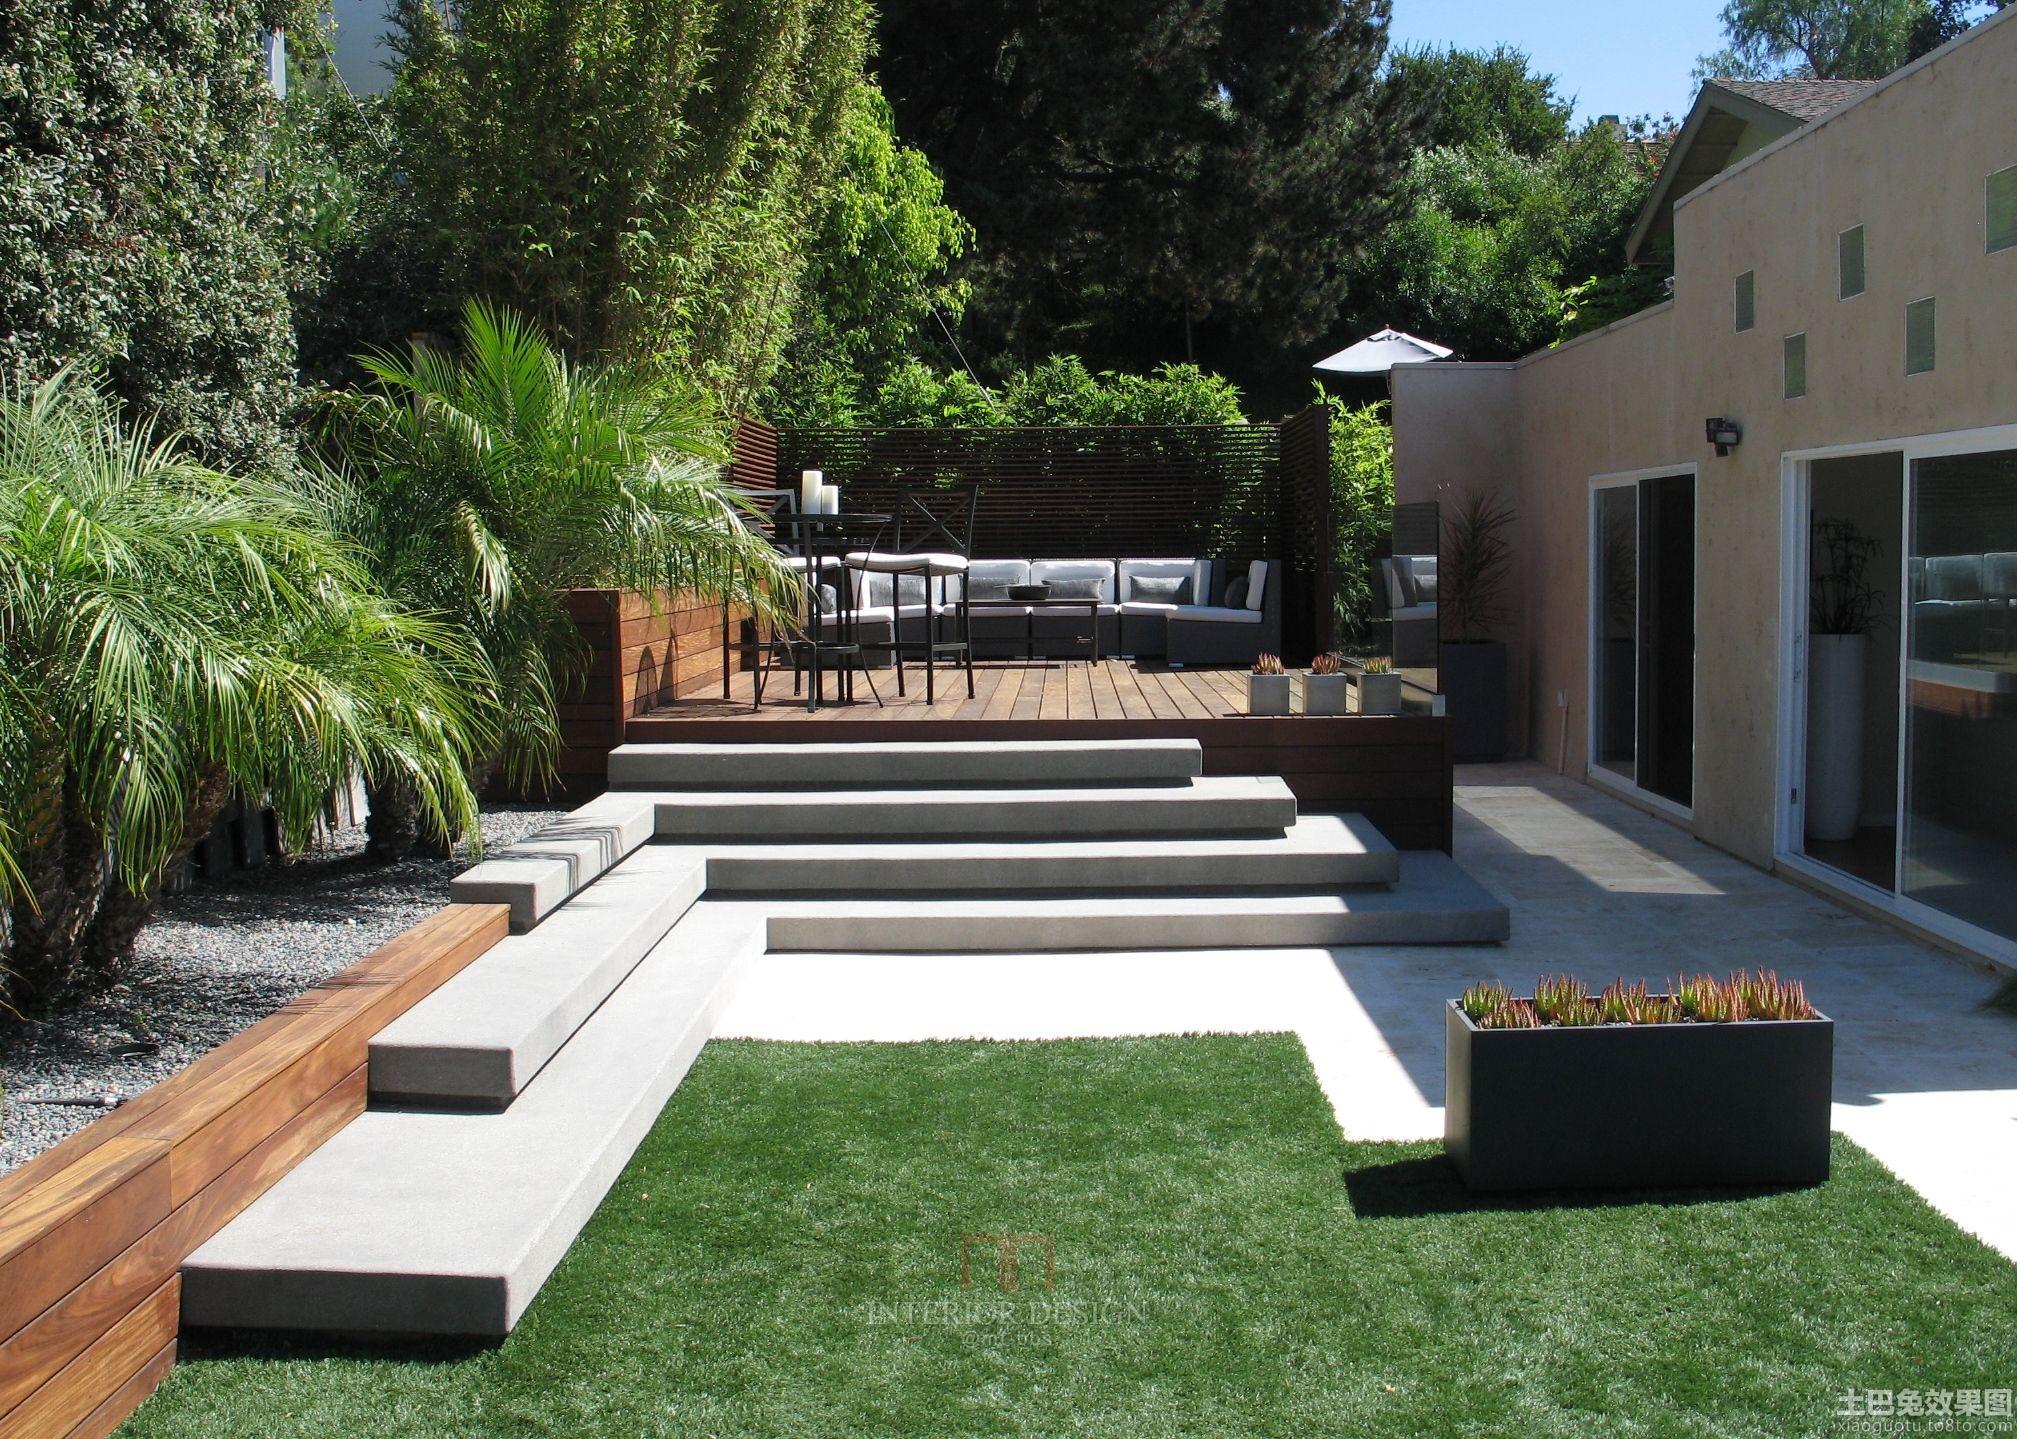 私家庭院景观设计图片大全装修效果图 第5张 家居图库 九正家居网